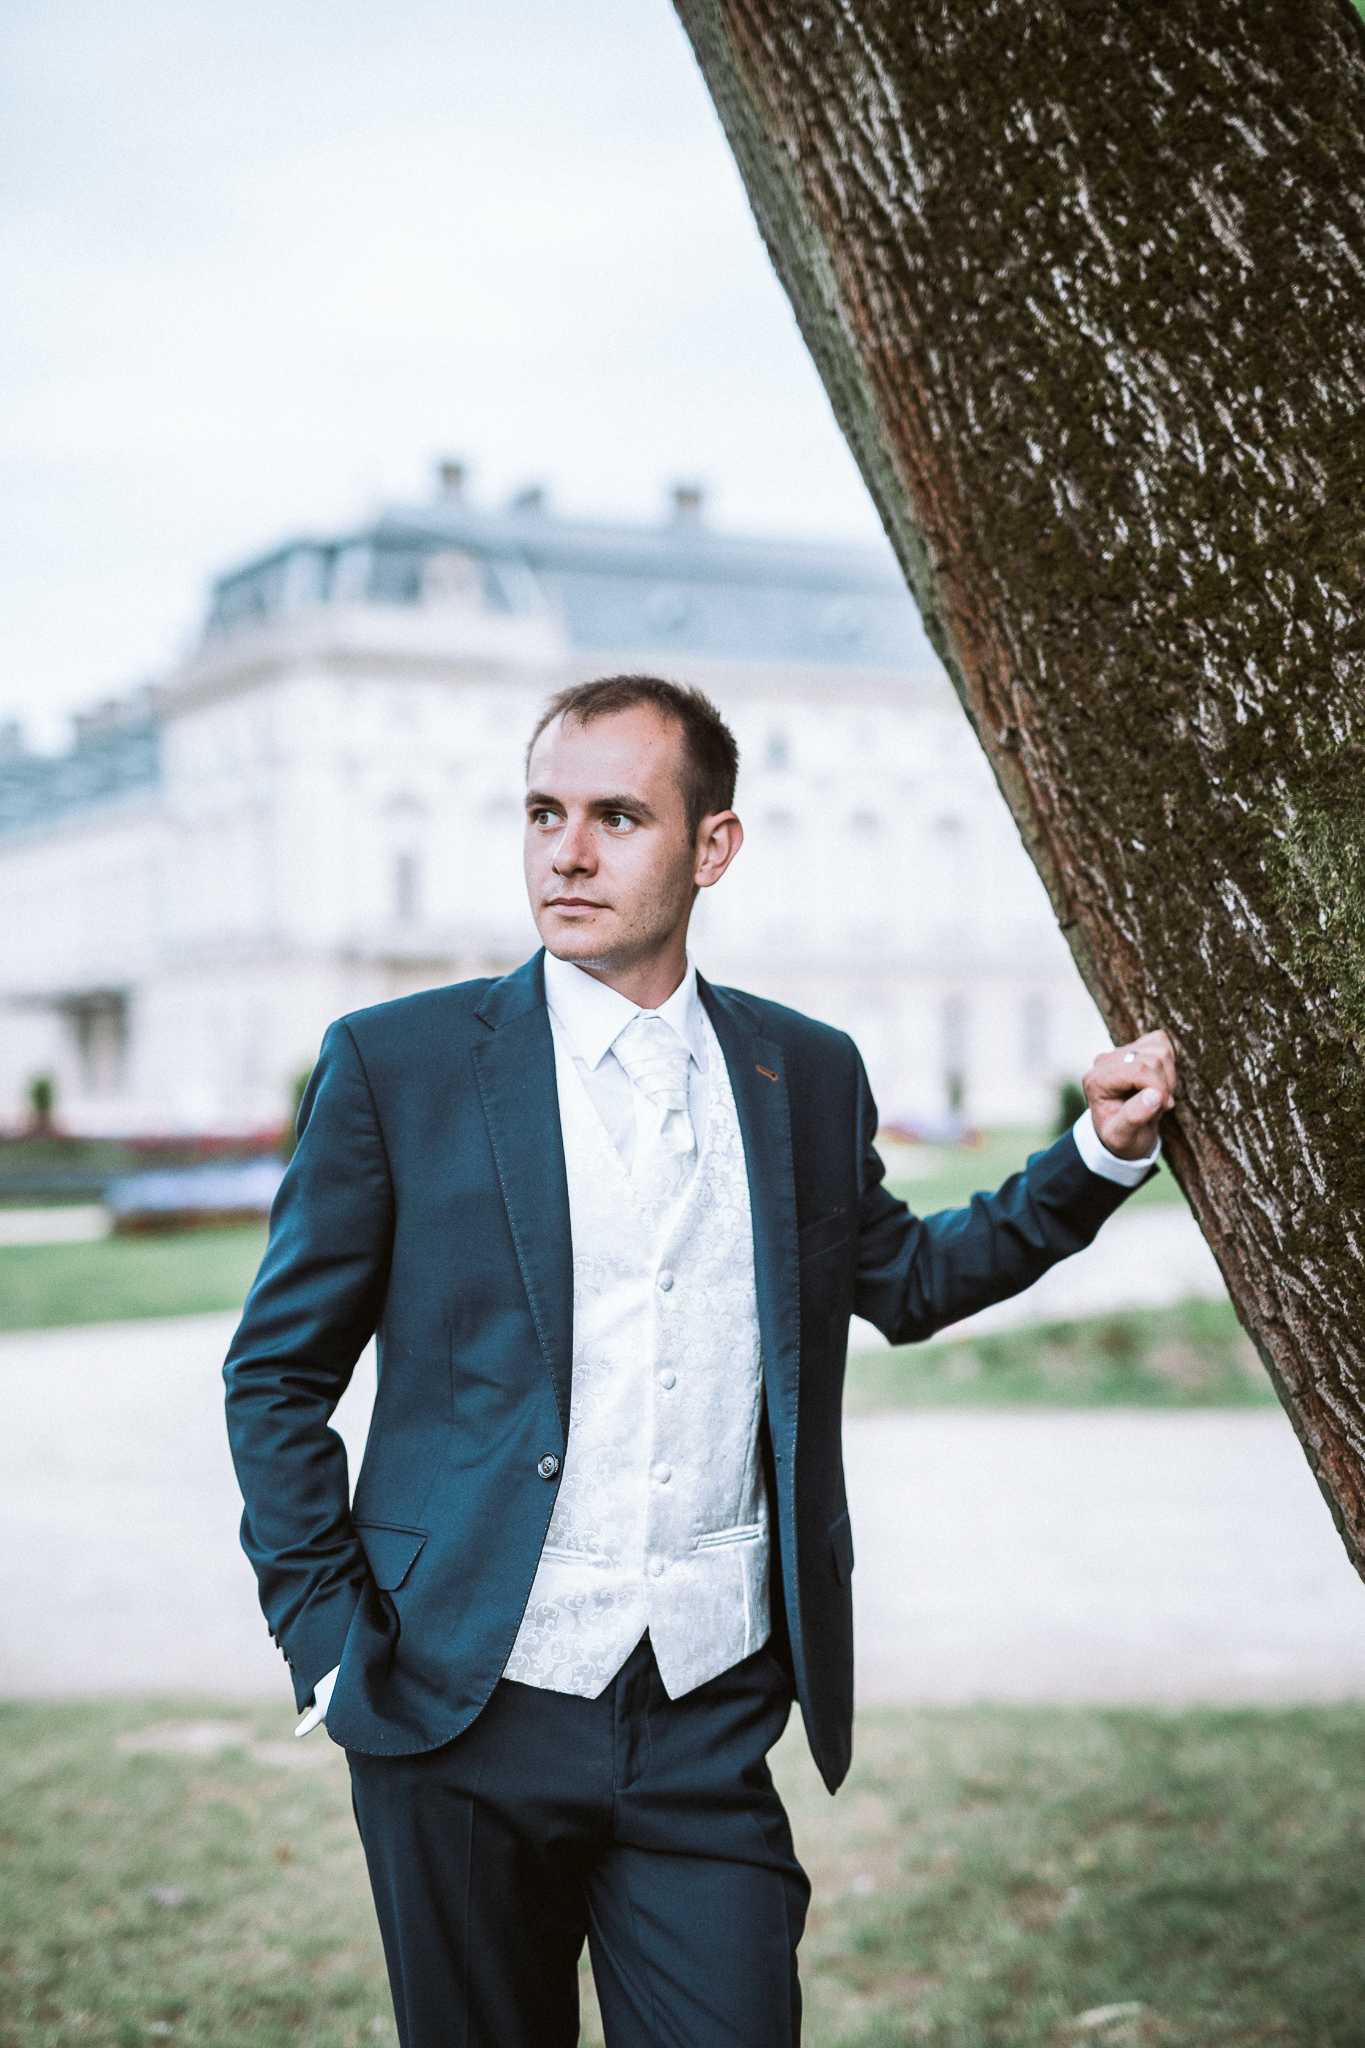 FylepPhoto, esküvőfotós, esküvői fotós Körmend, Szombathely, esküvőfotózás, magyarország, vas megye, prémium, jegyesfotózás, Fülöp Péter, körmend, kreatív, fotográfus_19-2.jpg